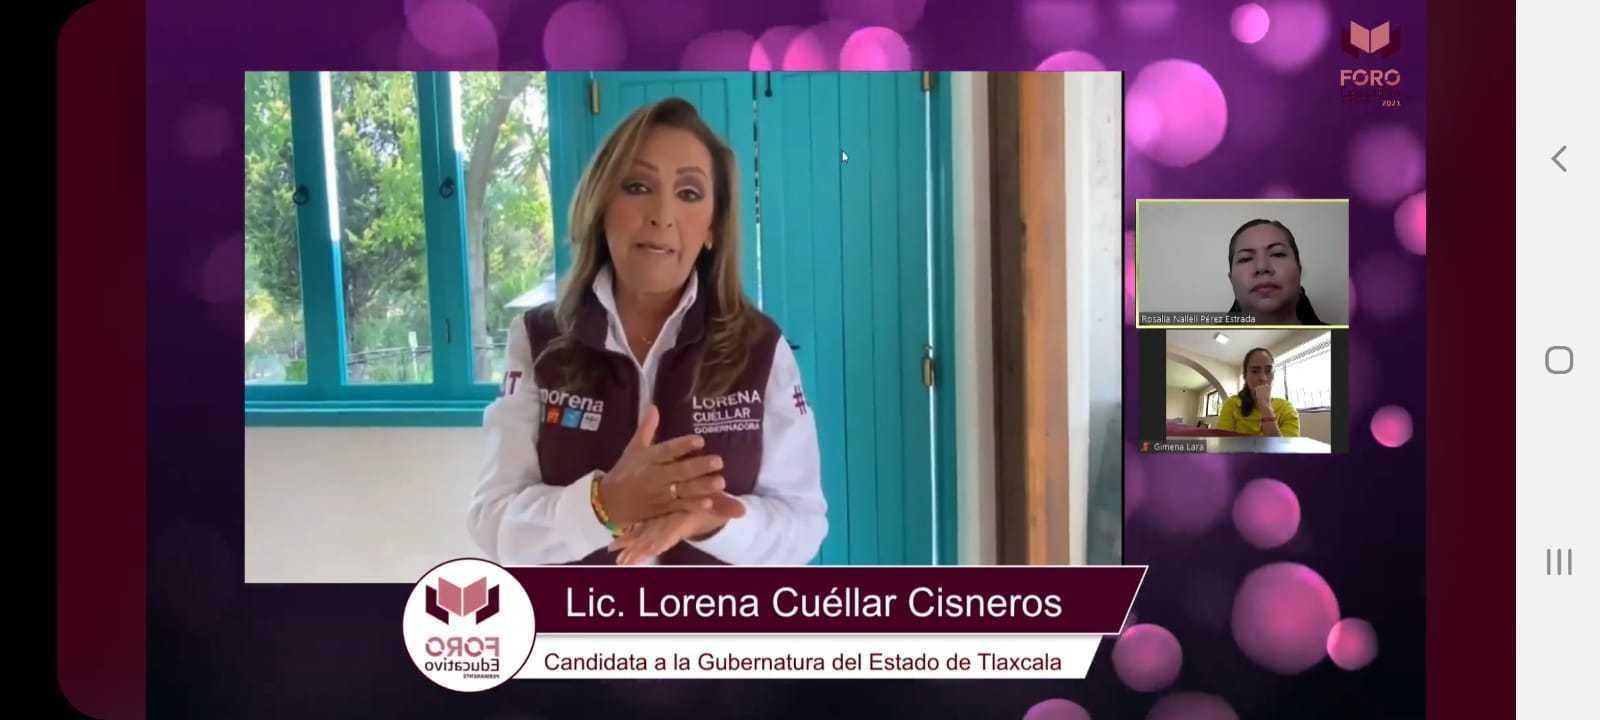 Foro Educativo de Lorena Cuéllar con especialistas nacionales e internacionales